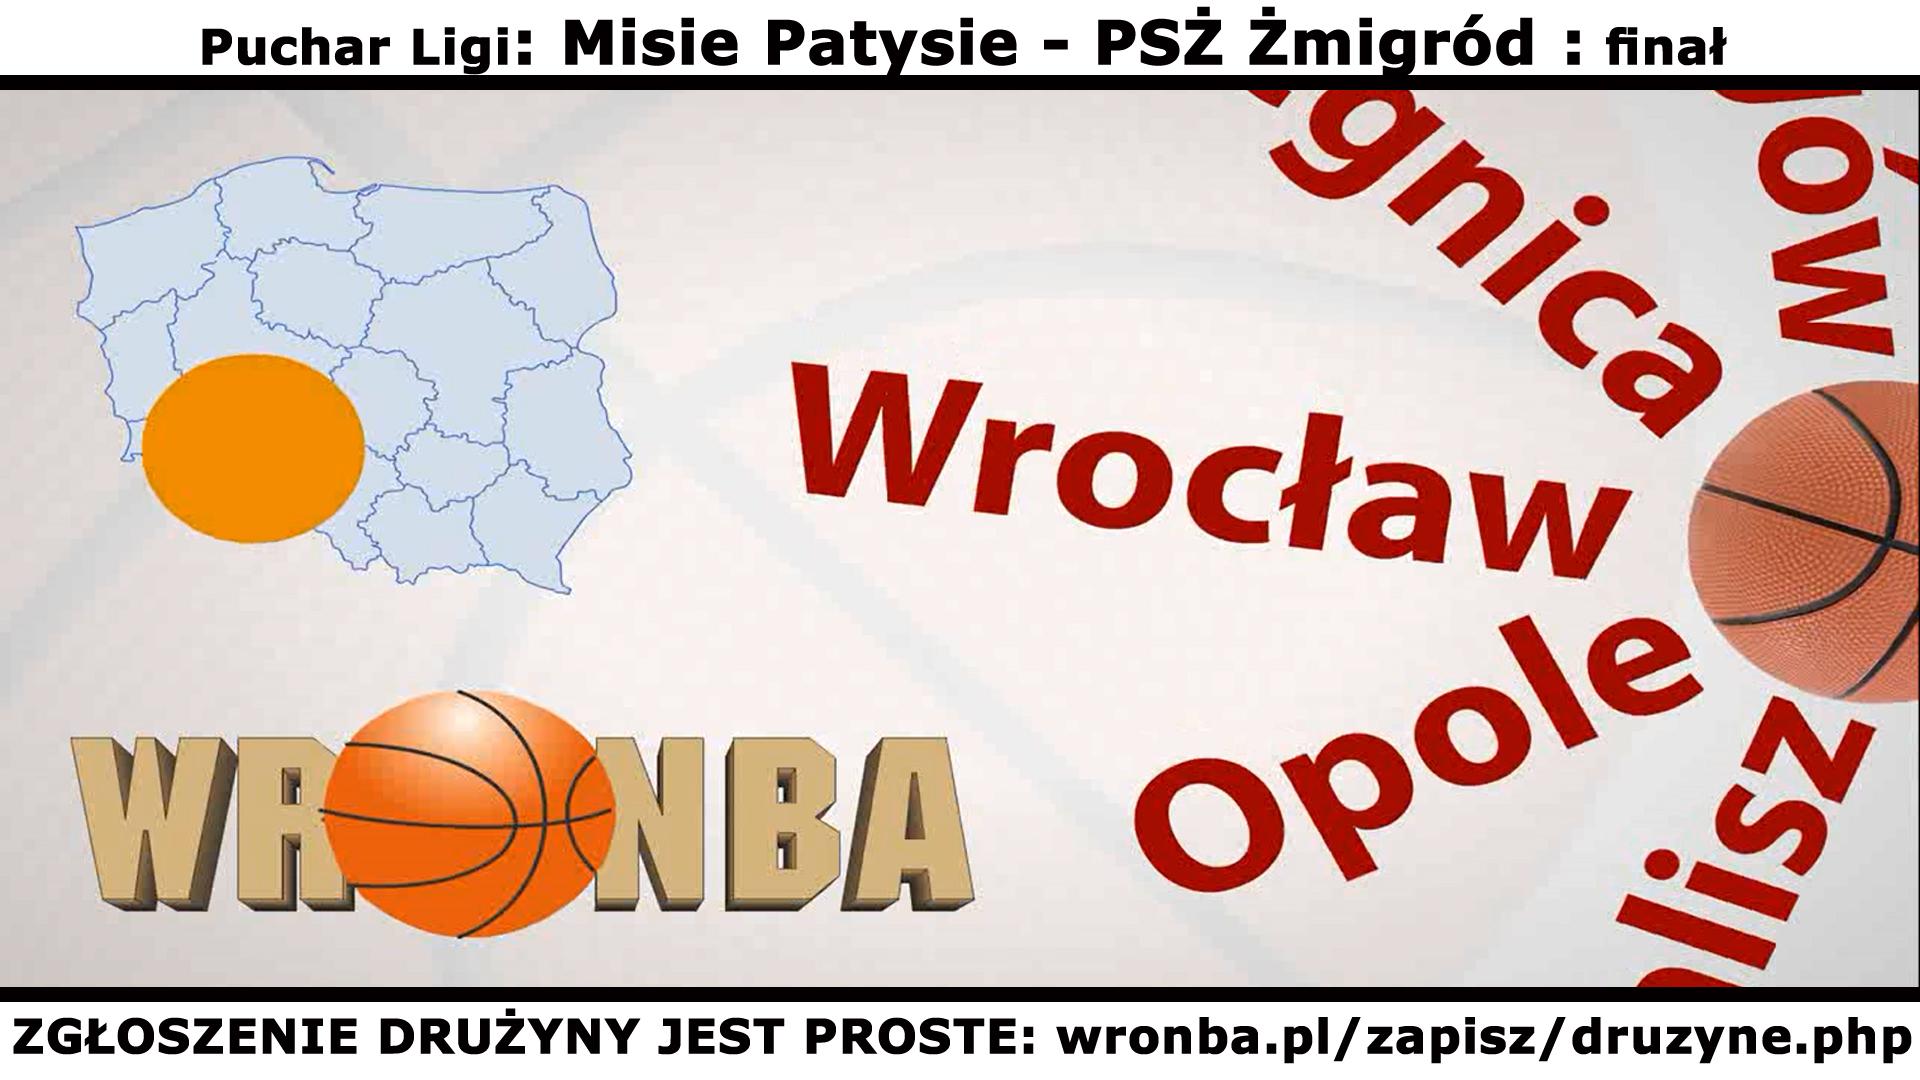 wronba.pl/uploads/wysiwyg/image/miniatura_transmisji_youtube.jpg